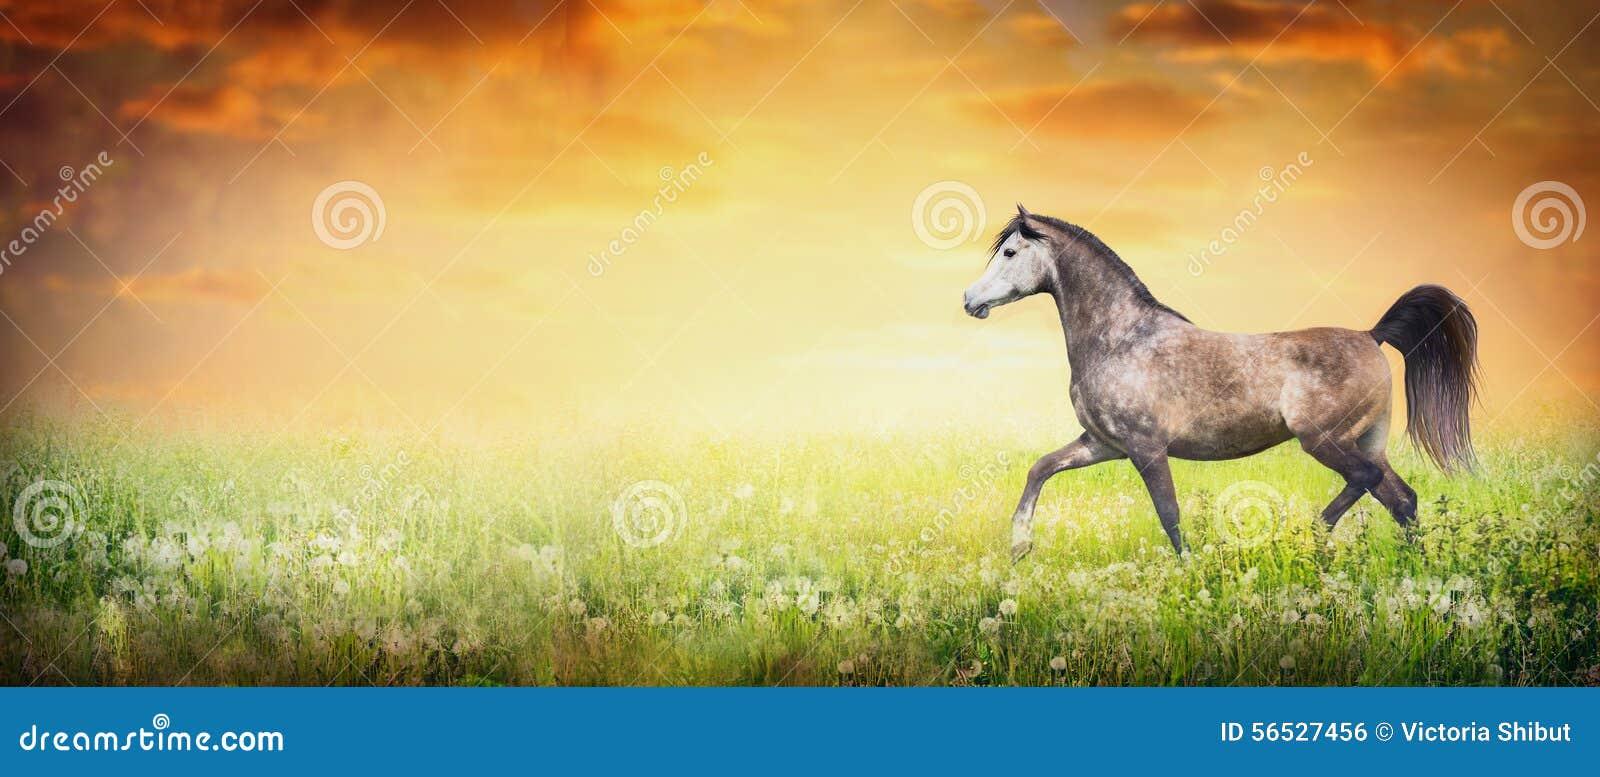 Trote árabe bonito do corredor do cavalo no fundo da natureza do verão ou do outono com céu do por do sol, bandeira